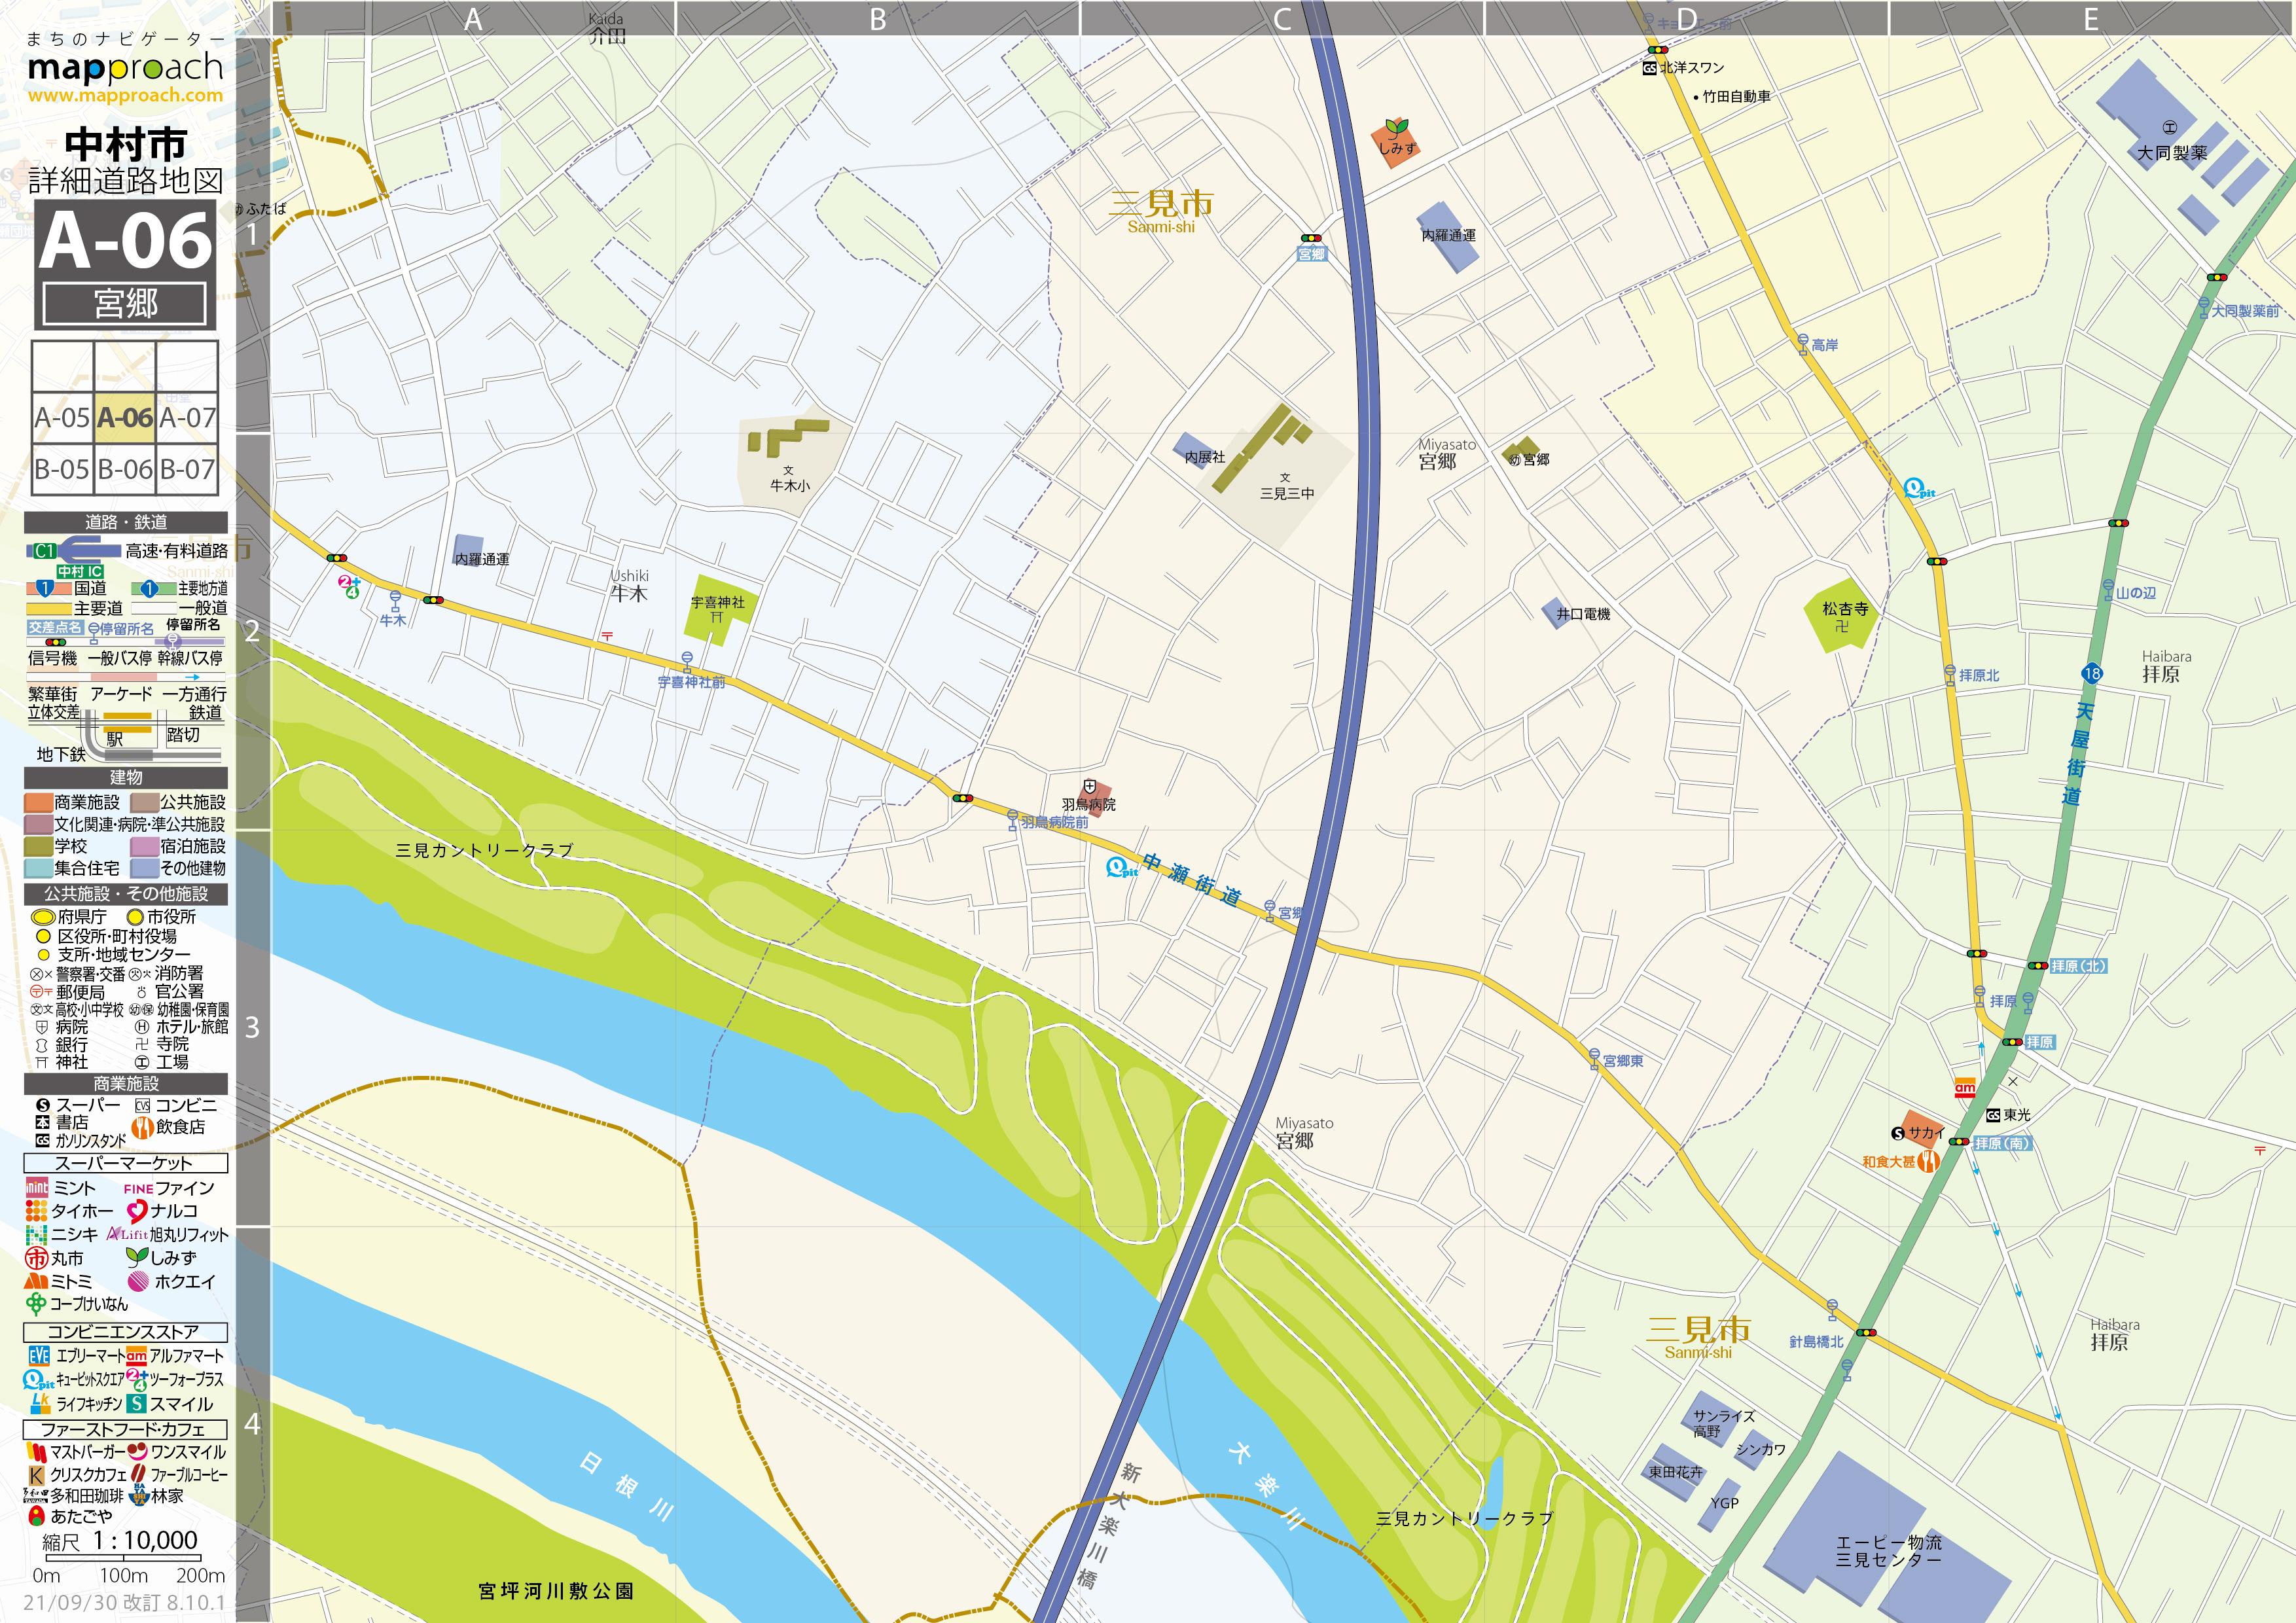 A-06 宮郷 地図拡大